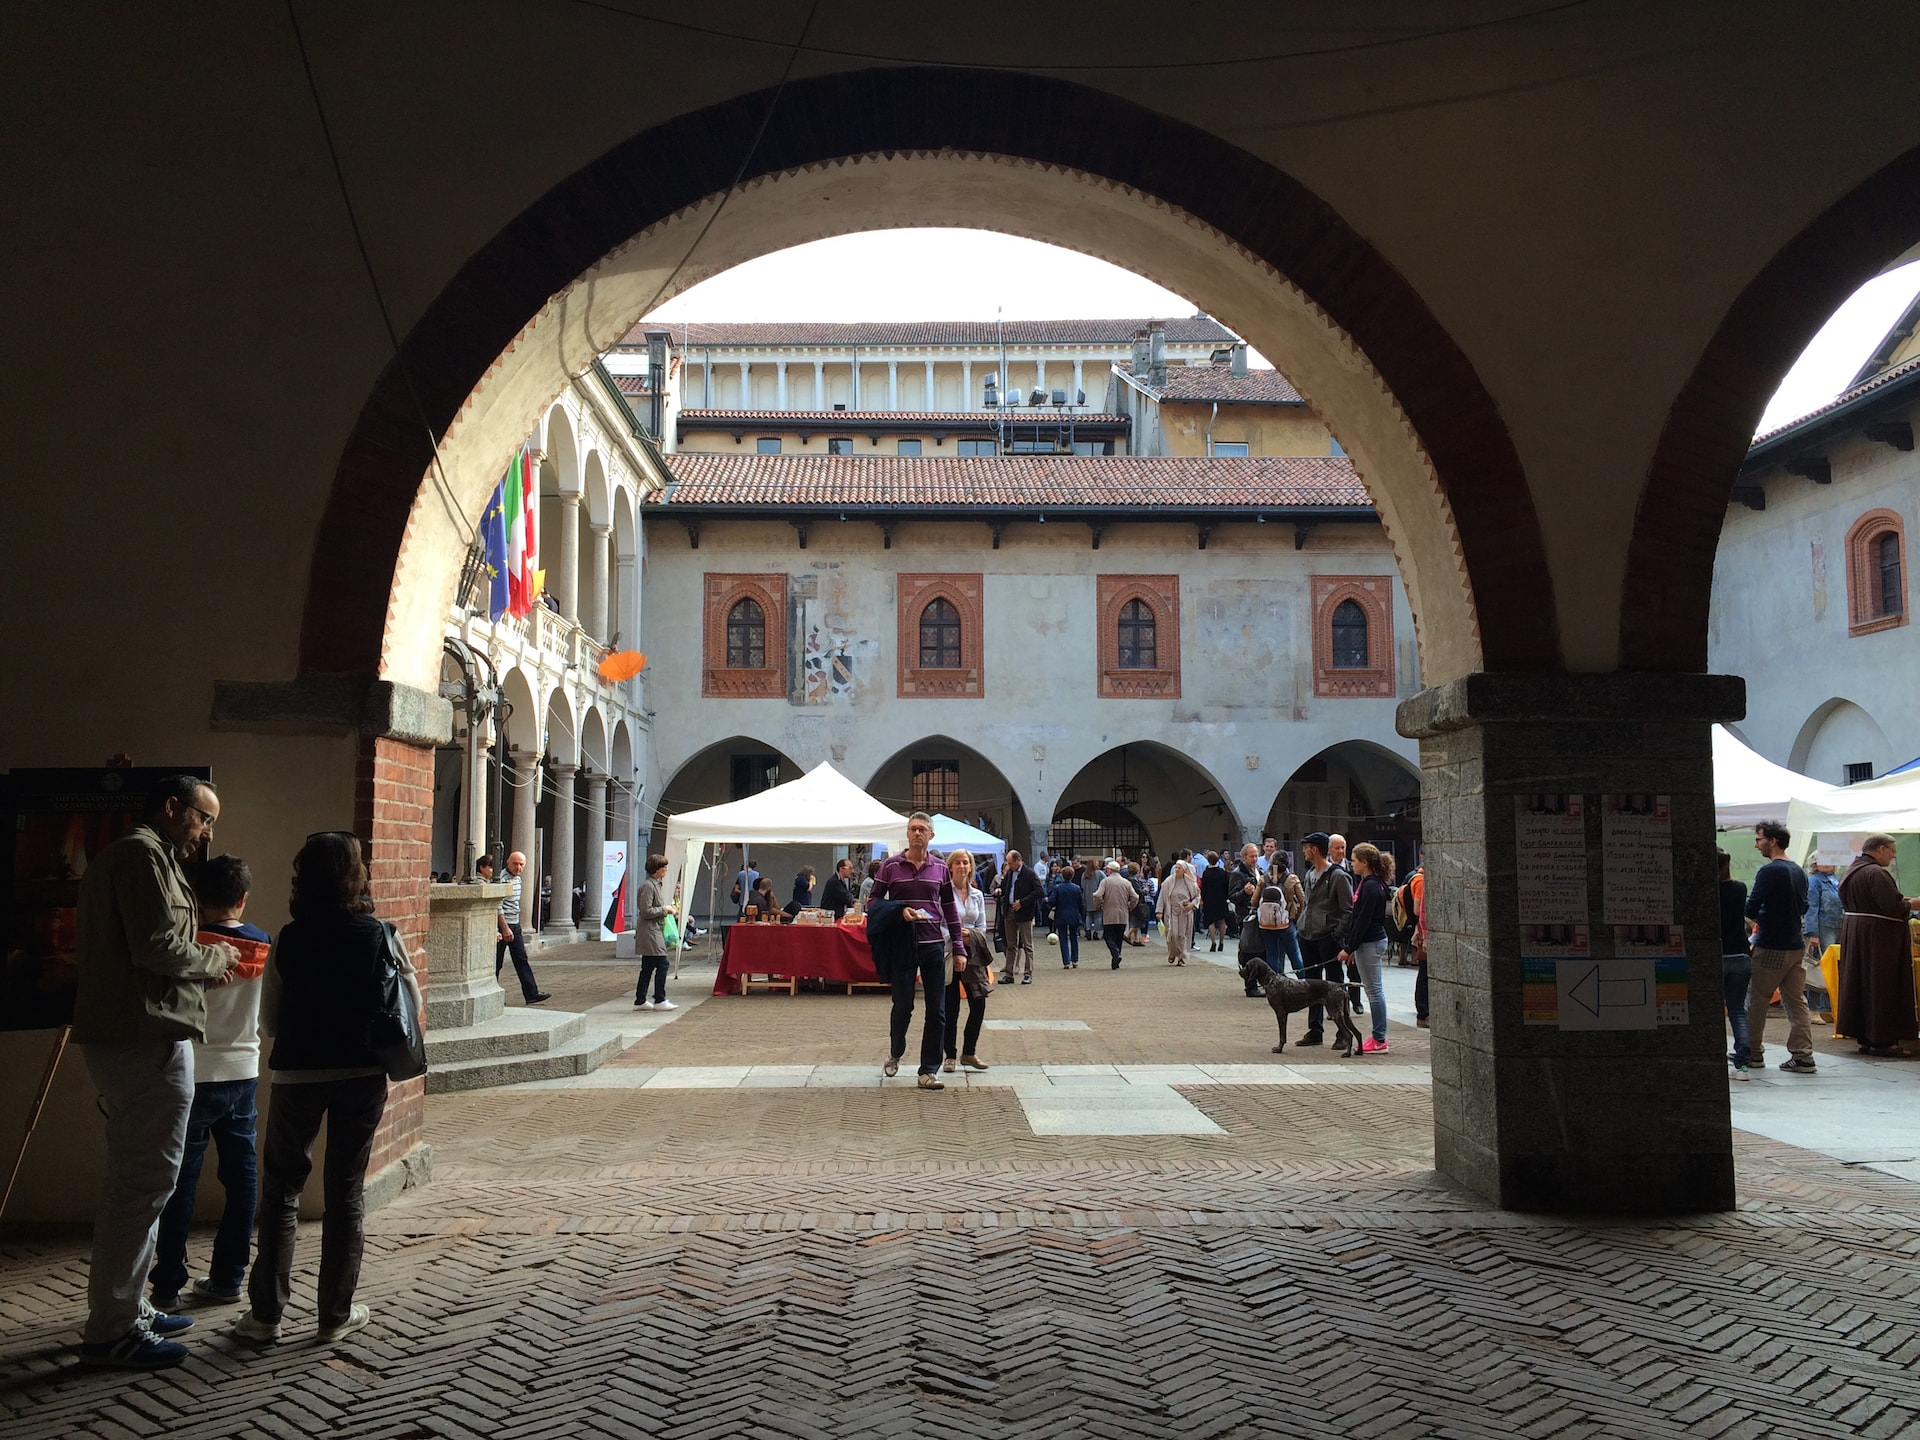 La Natura Esagera al Broletto di Novara - 11